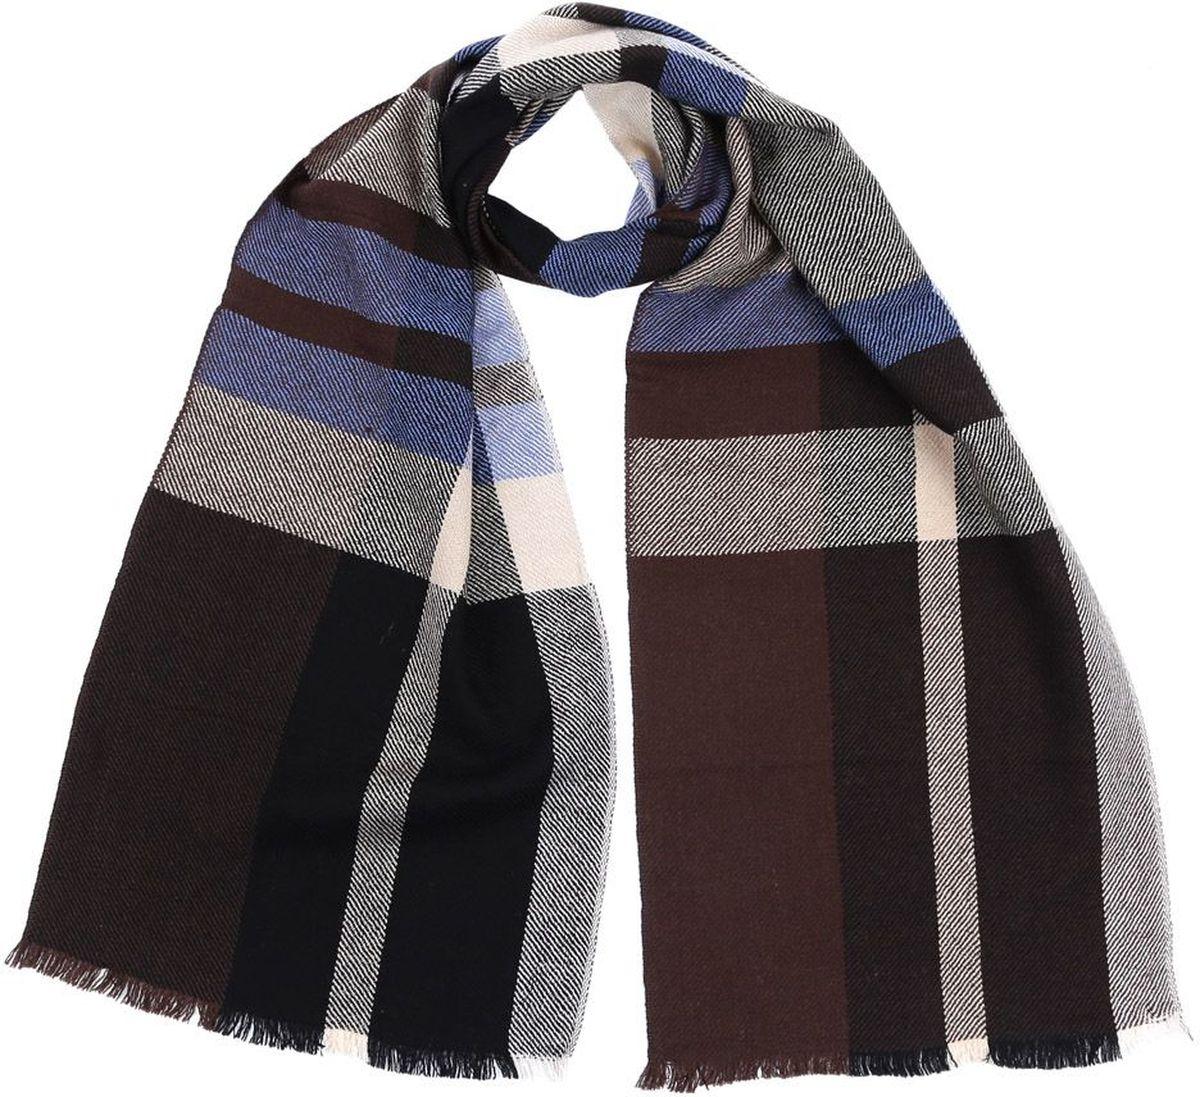 2874-12Мужской шарф от итальянского бренда Fabretti выполнен из натуральной шерсти с мерсеризированной нитью, которая придает изделию неповторимую мягкость и шелковистость фактуры. Дизайнерское соединение серого, черного и яркого коричневого цвета превратит ваш образ в самый стильный и элегантный в любой компании. Модная клетка и стильные реснички, которыми обработаны края изделия, подчеркнут ваш индивидуальный стиль.